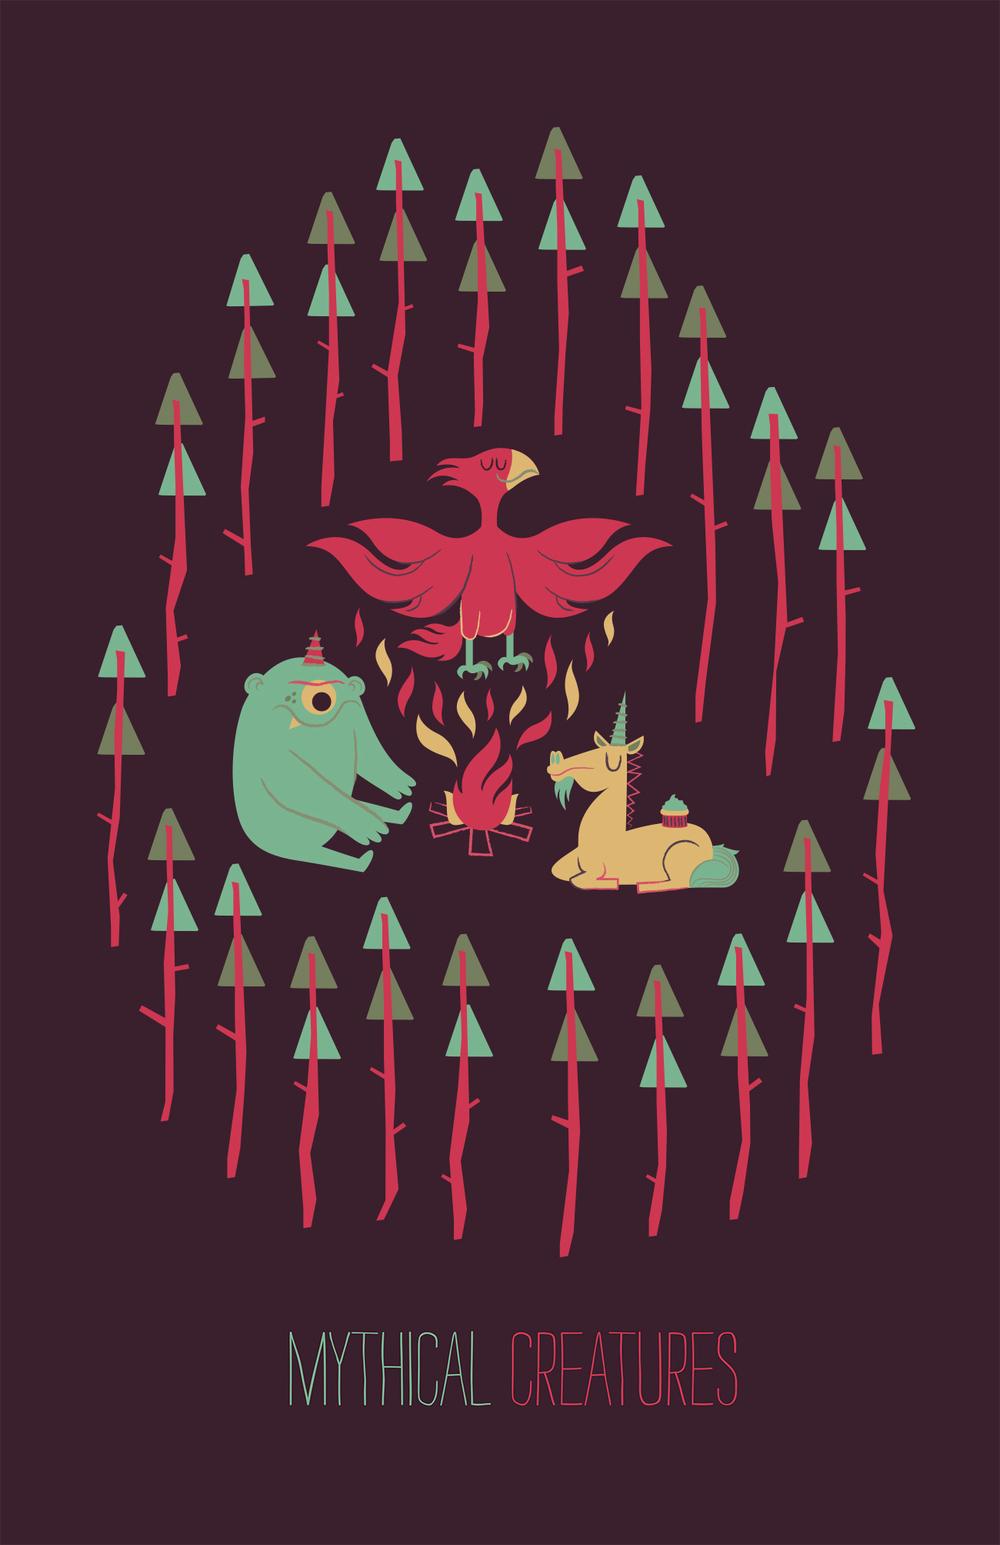 Mythical_Creatures_cvela.jpg